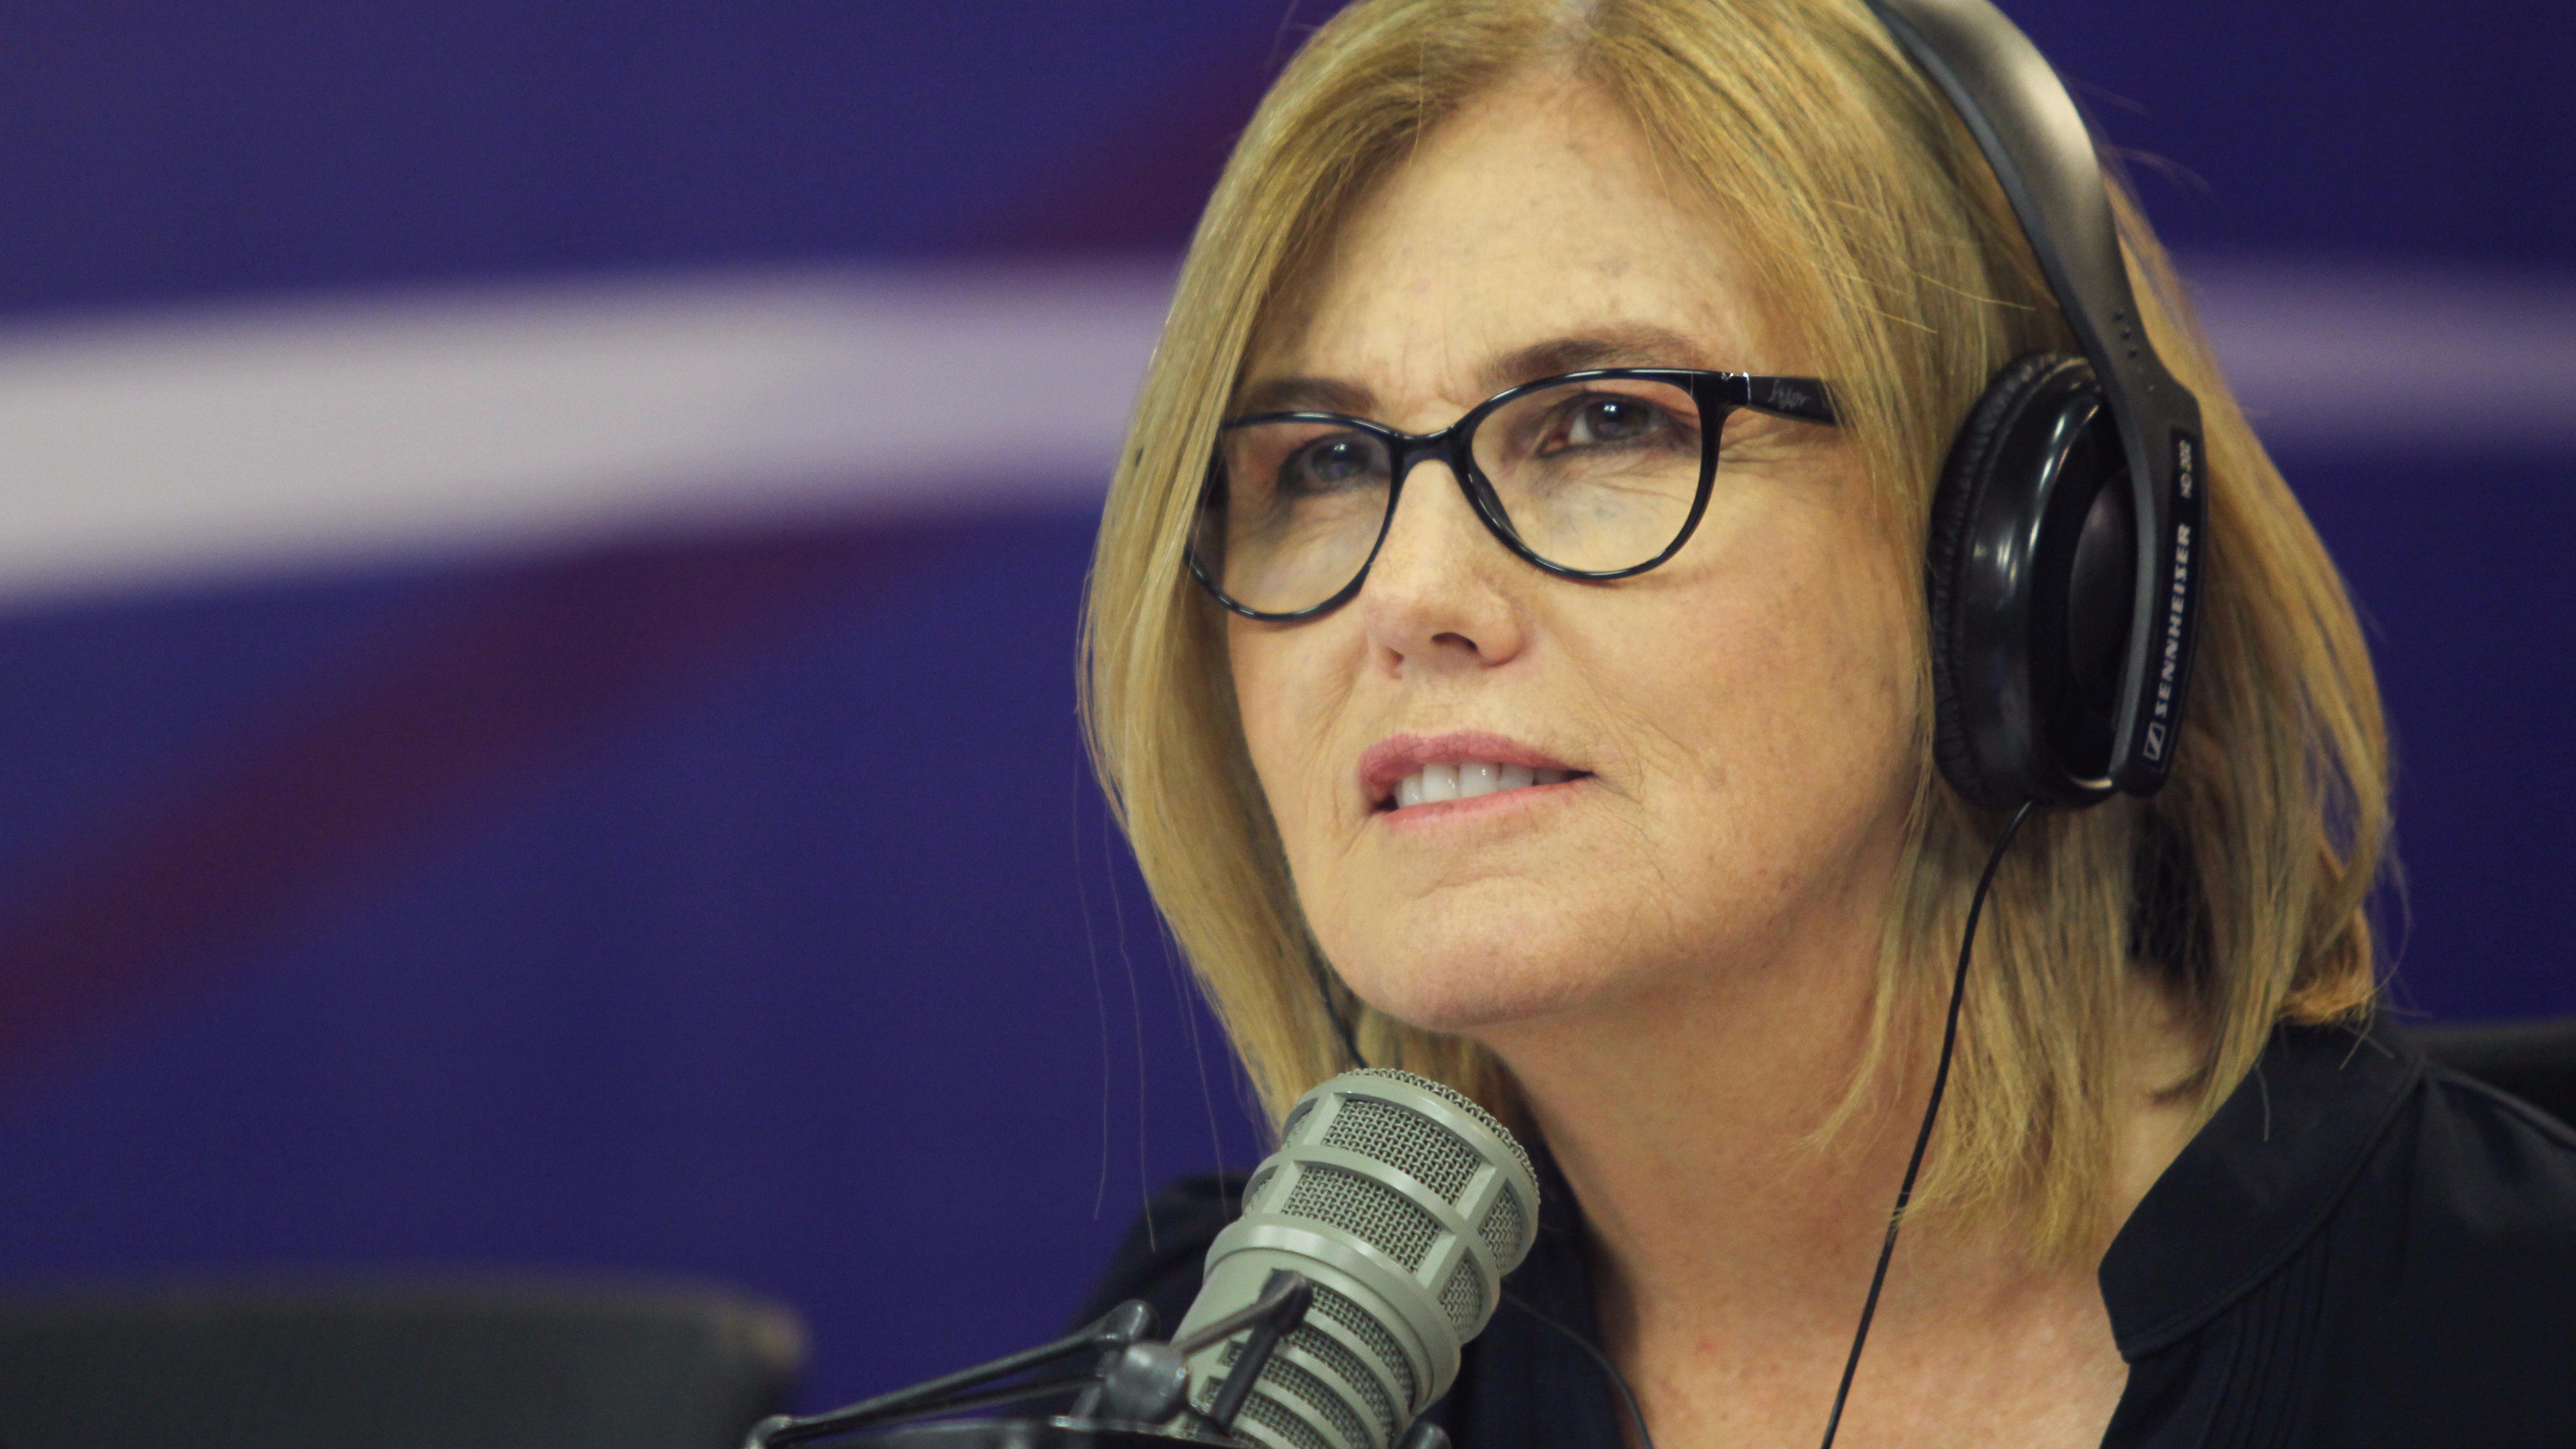 Mónica es una de las pocas voces equilibradas que tiene el periodismo hoy en día.